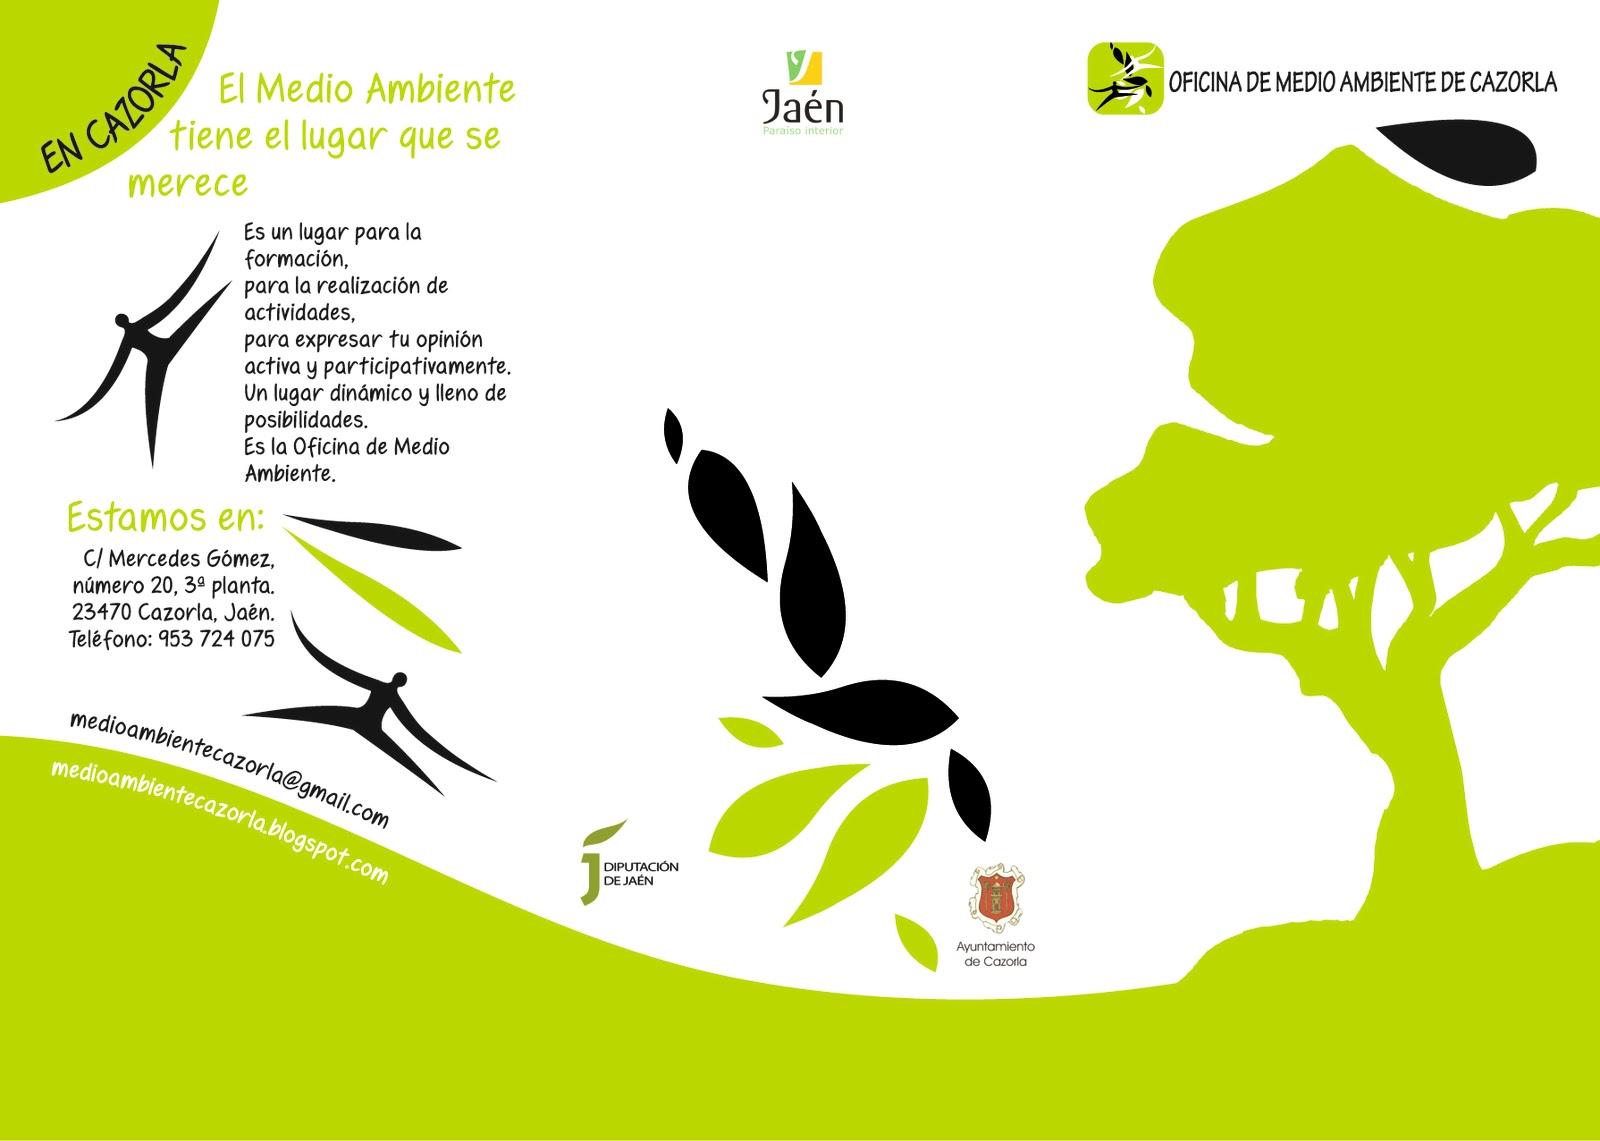 Bolet n de la oficina de medio ambiente de cazorla marzo 2011 for Oficina de medio ambiente